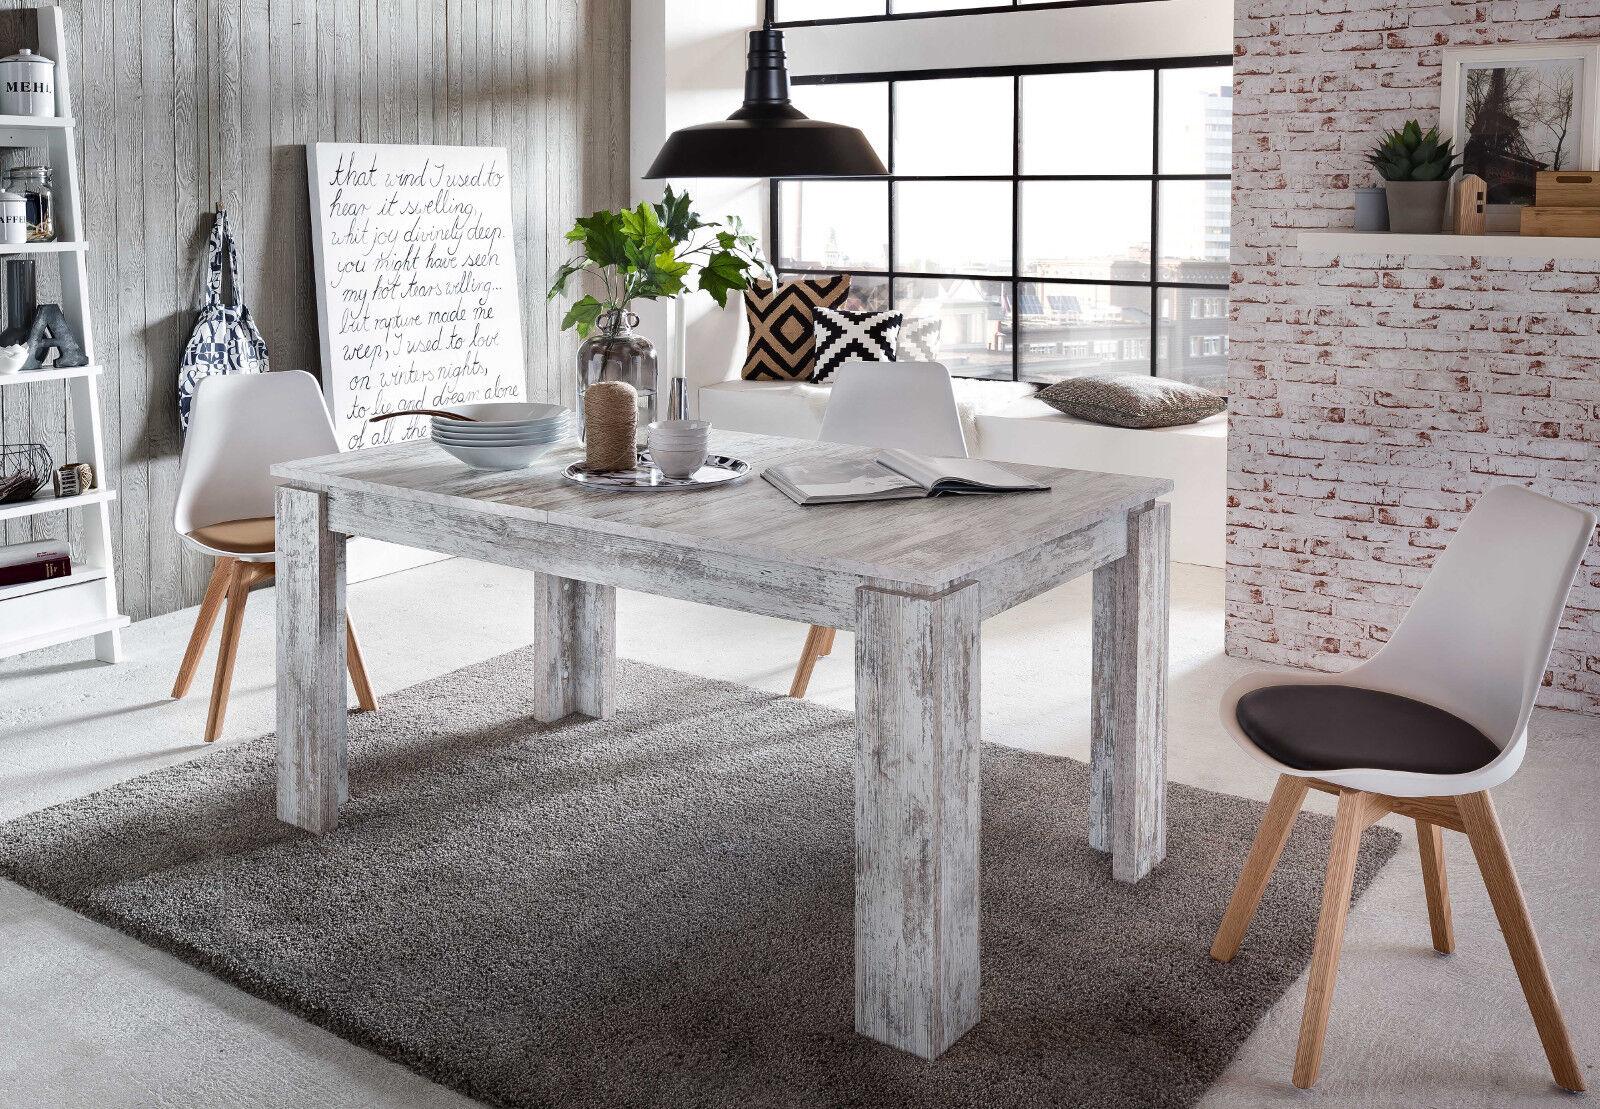 esstisch esszimmer tisch wei pinie shabby holztisch ausziehbar 160 200 cm river eur 214 99. Black Bedroom Furniture Sets. Home Design Ideas